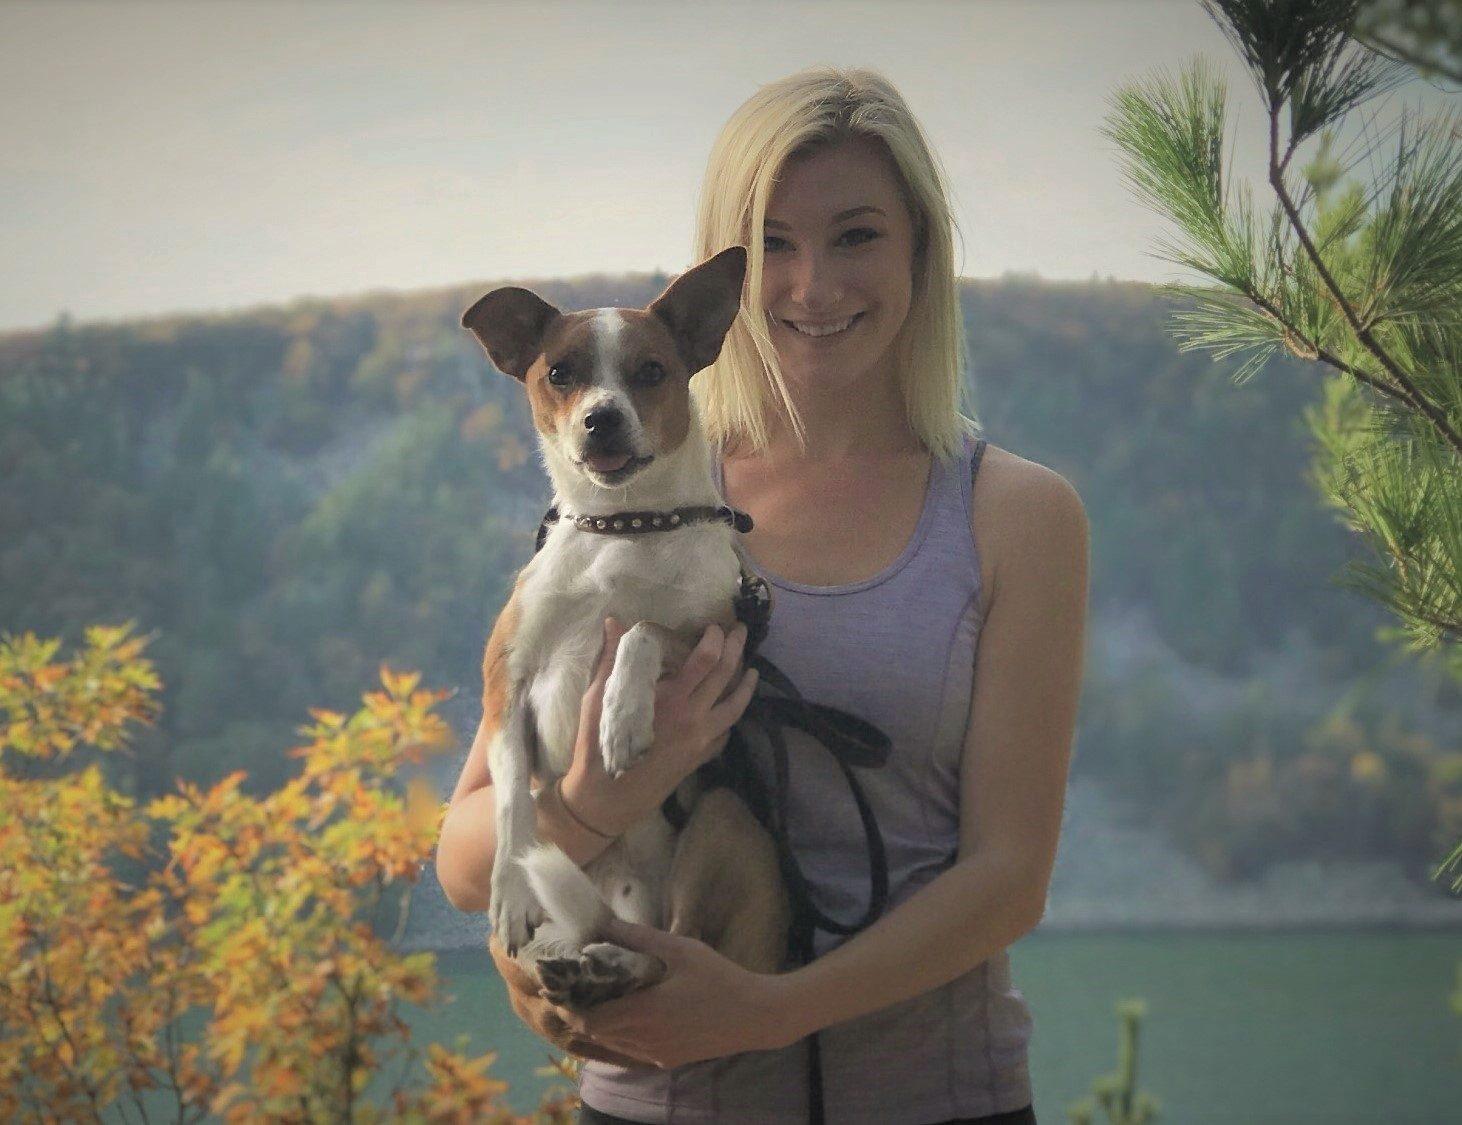 Meet Stefanie, client care